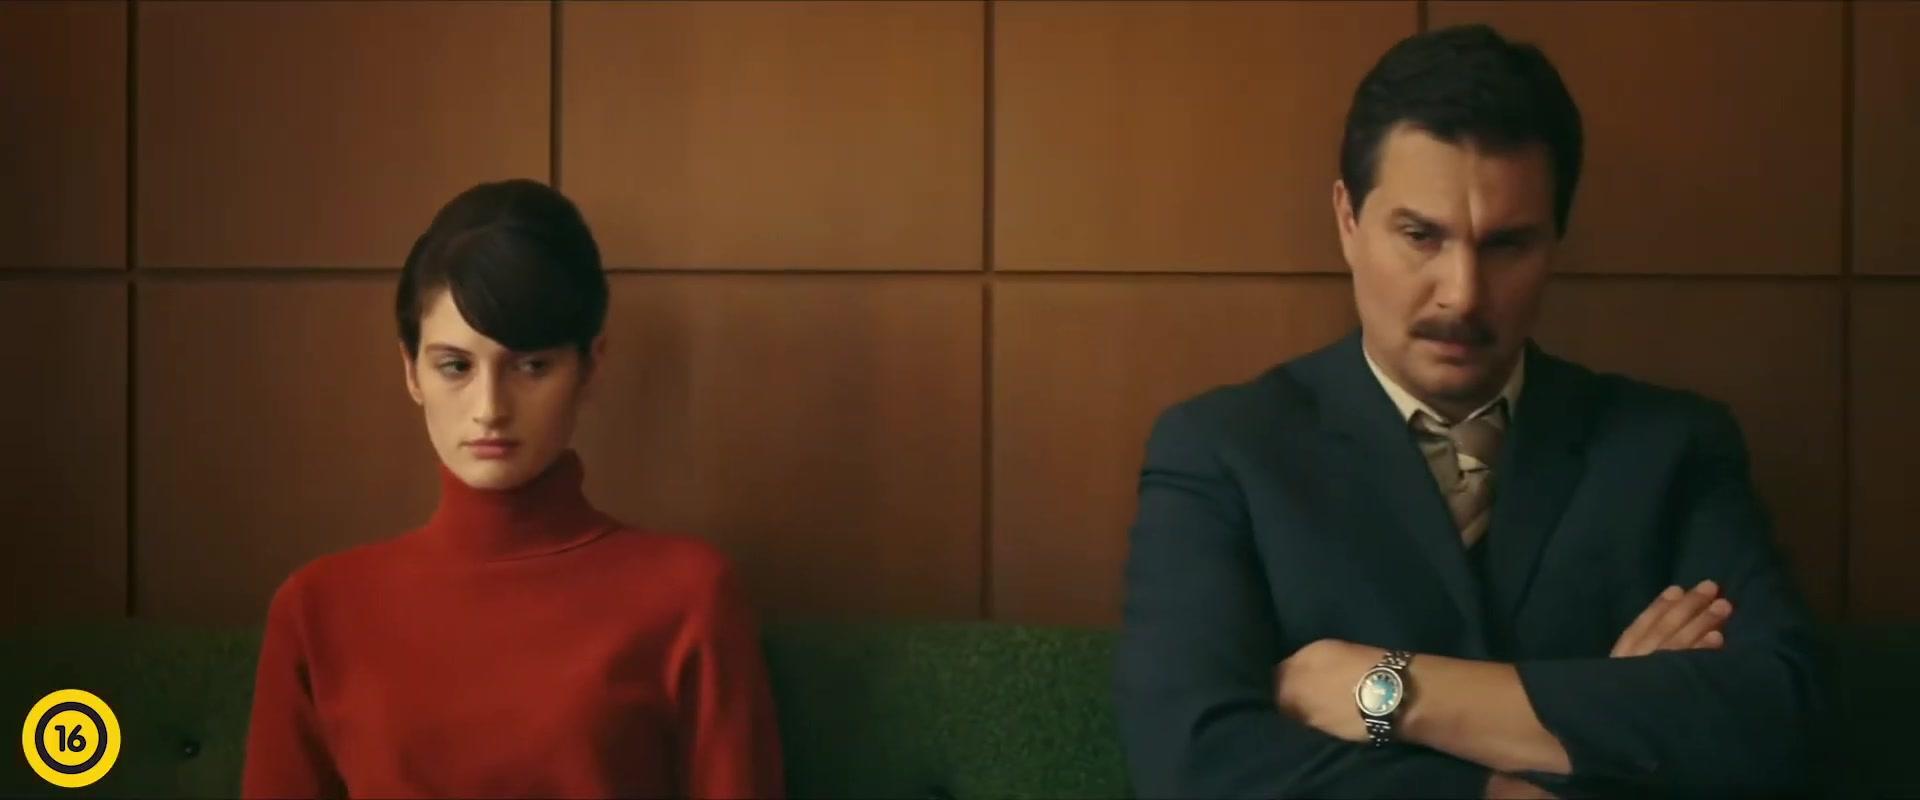 Новый трейлер фильма «Товарищ Дракулич» – Трейлер (русские субтитры) 01:44 FullHD